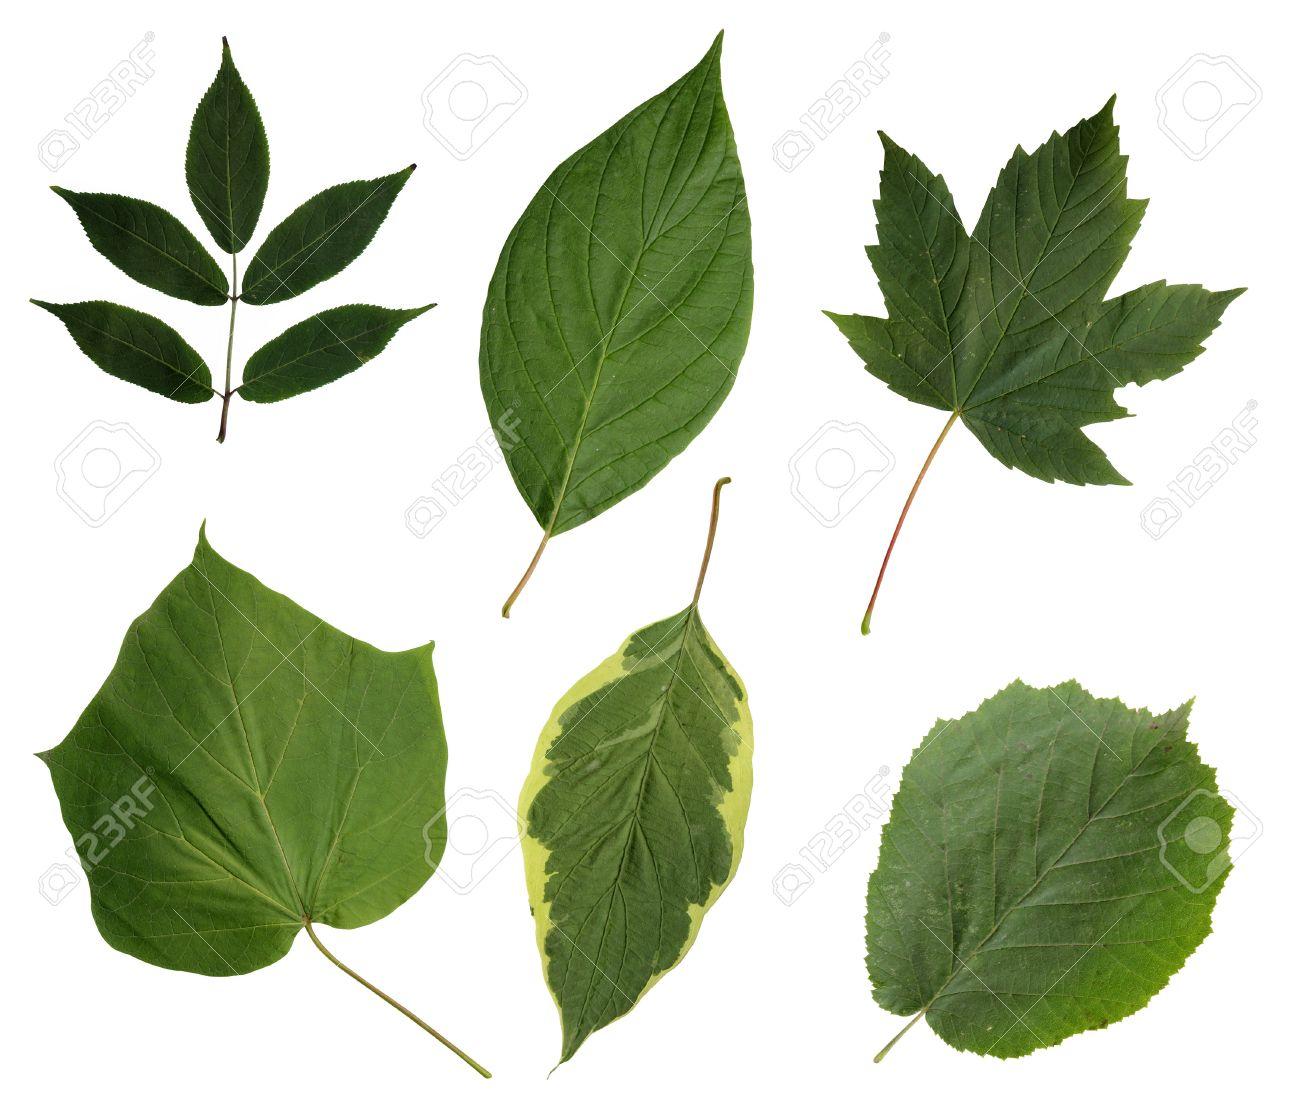 Todo Tipo De Hojas Verdes De Arboles Y Arbustos Aislados Sobre Fondo - Hojas-de-arboles